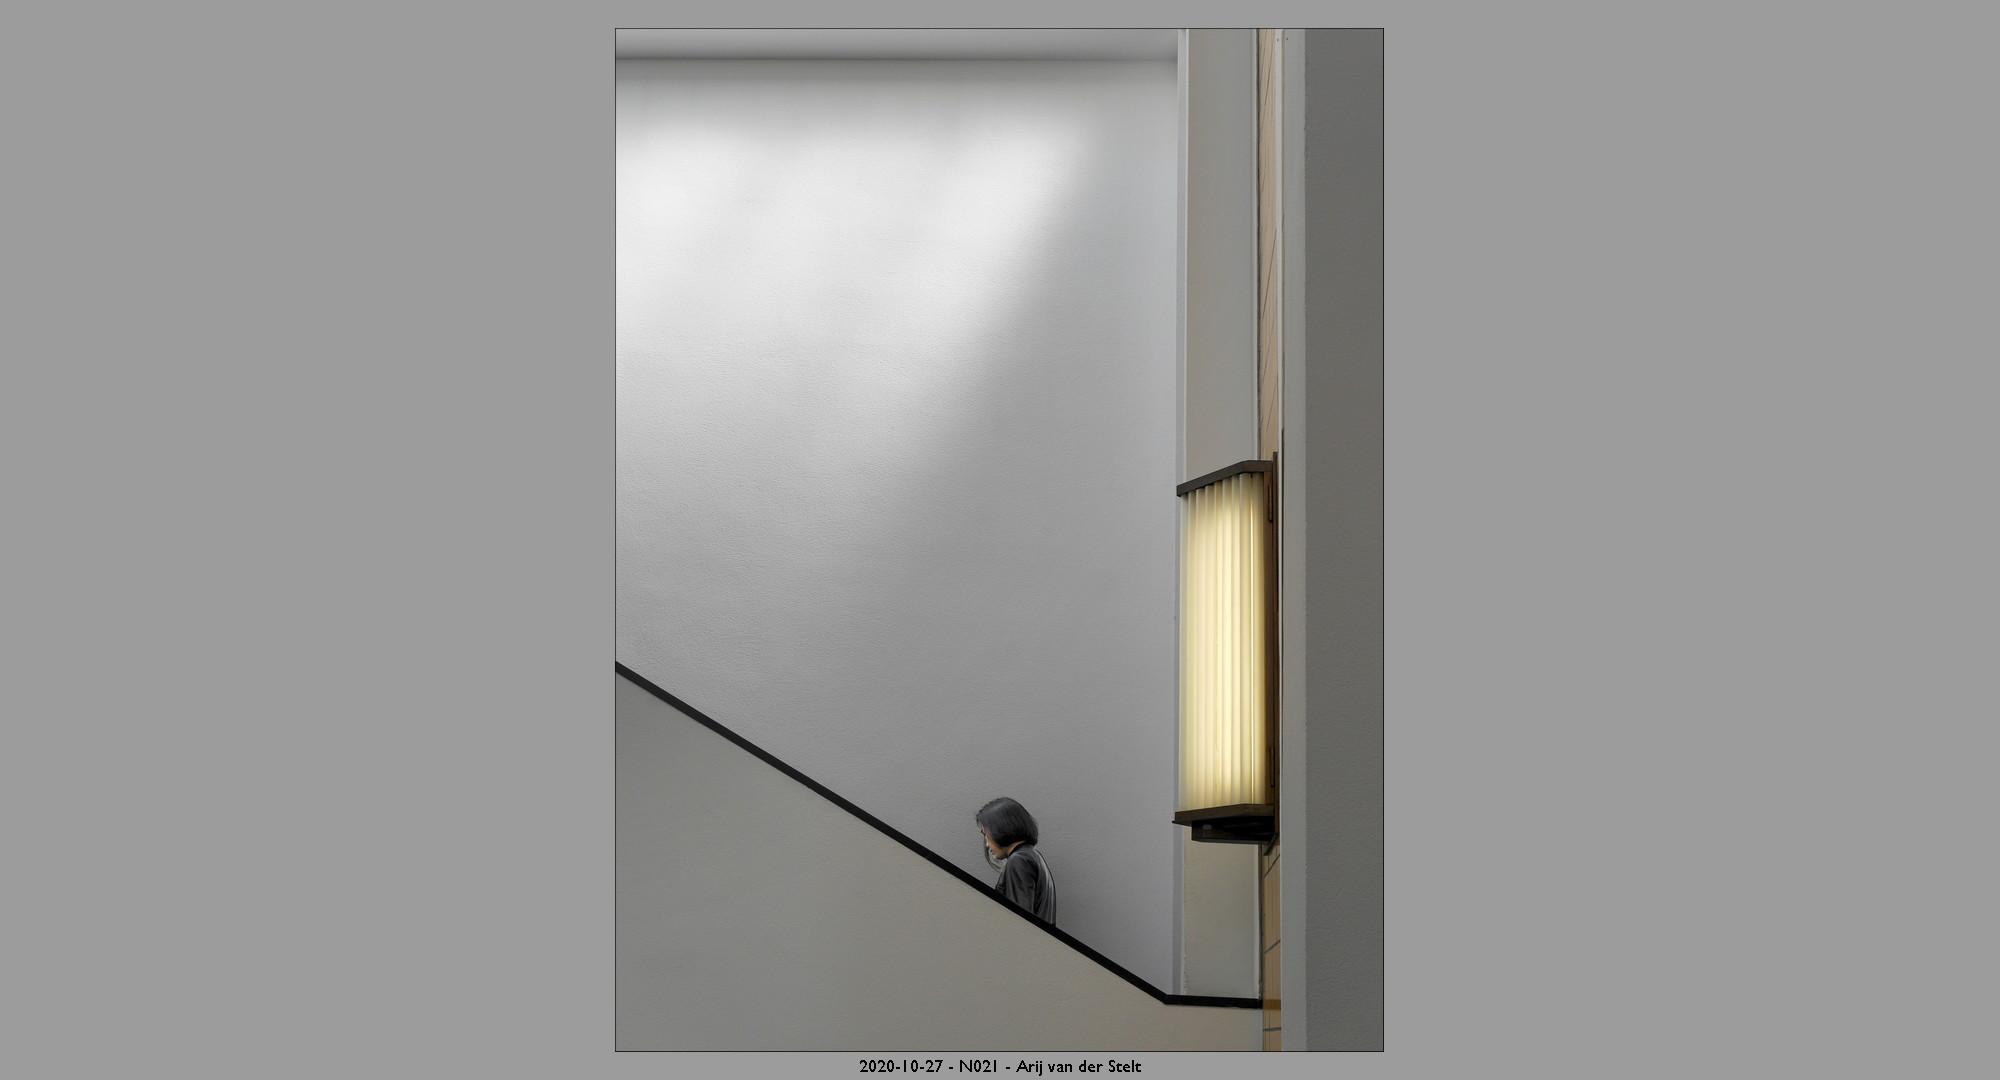 2020-10-27-N021-Arij-van-der-Stelt